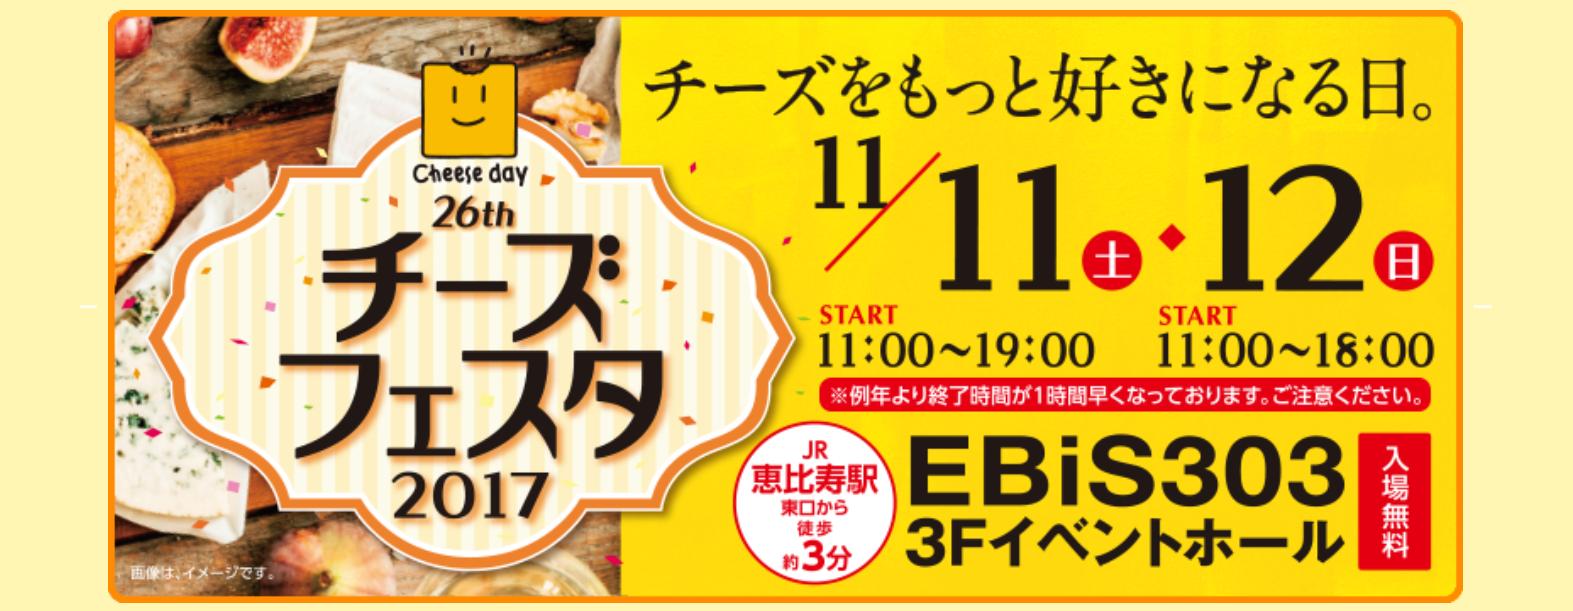 明日は「チーズの日」 、チーズフェスタ会場で冷凍めんコラボ試食あります